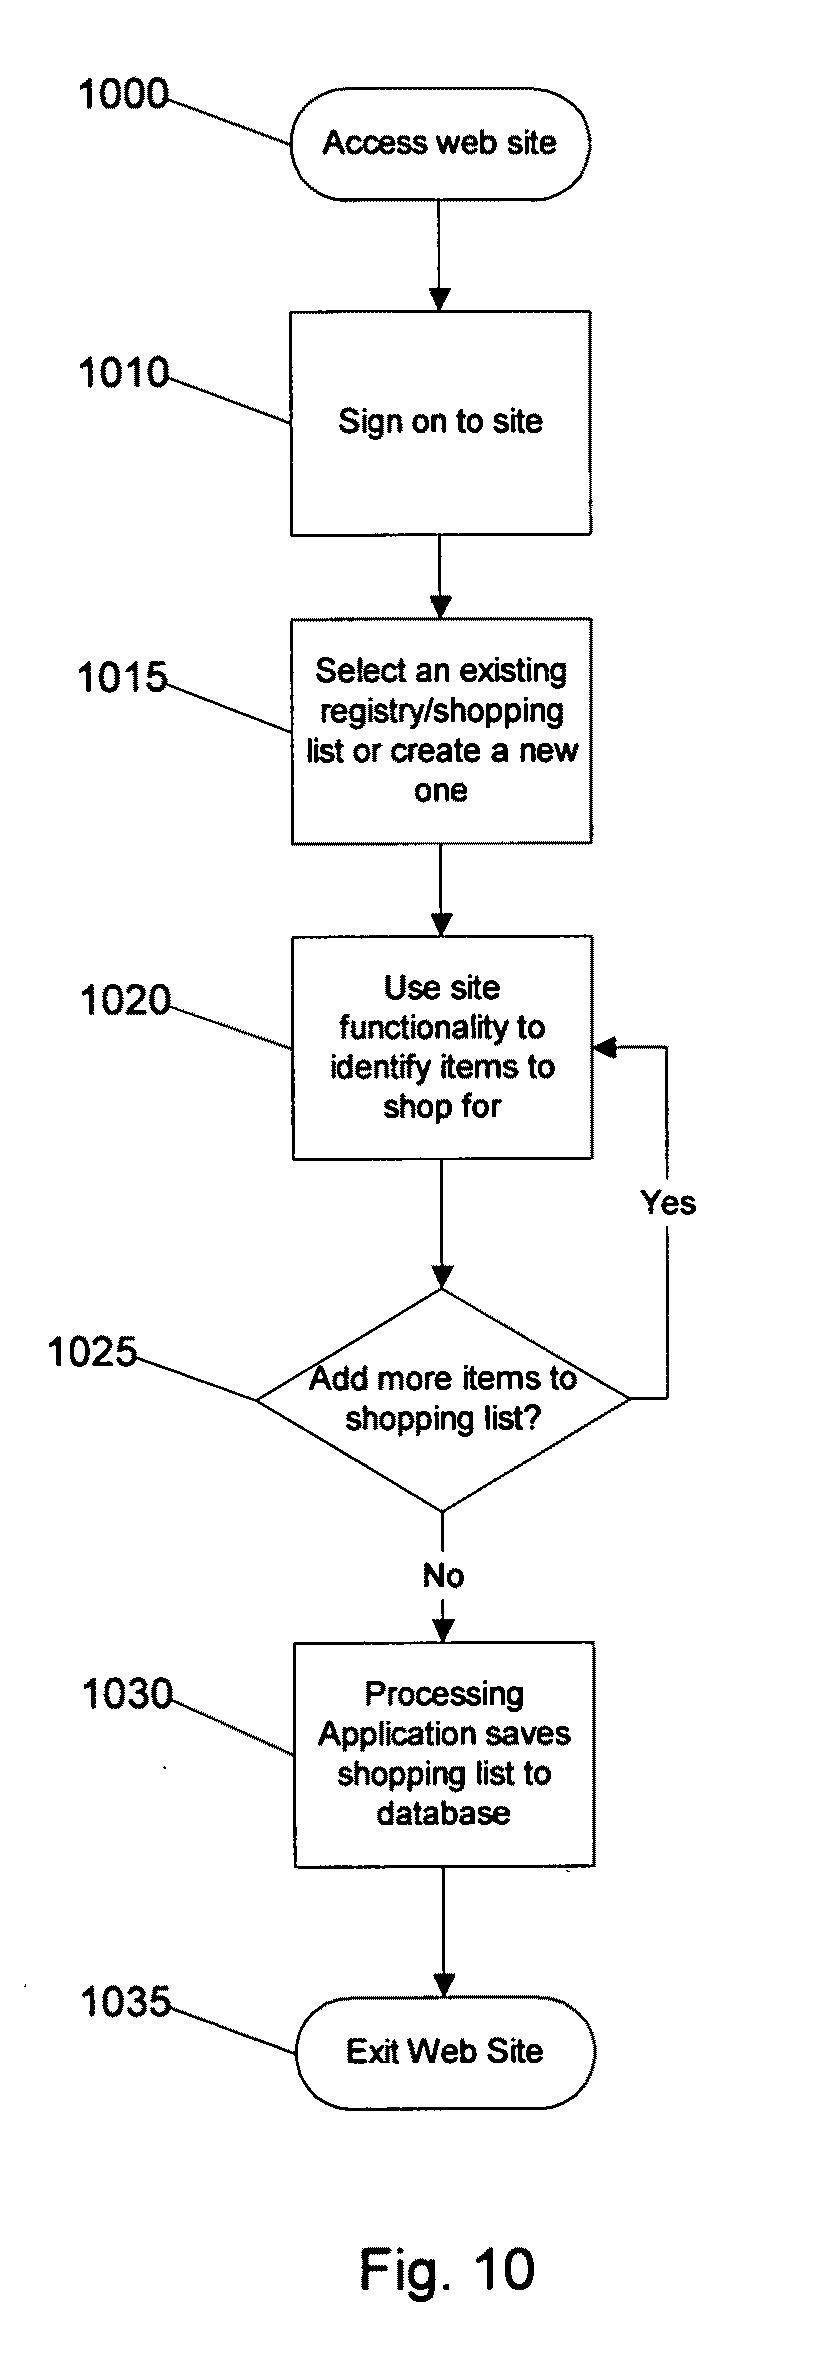 Couponbar process